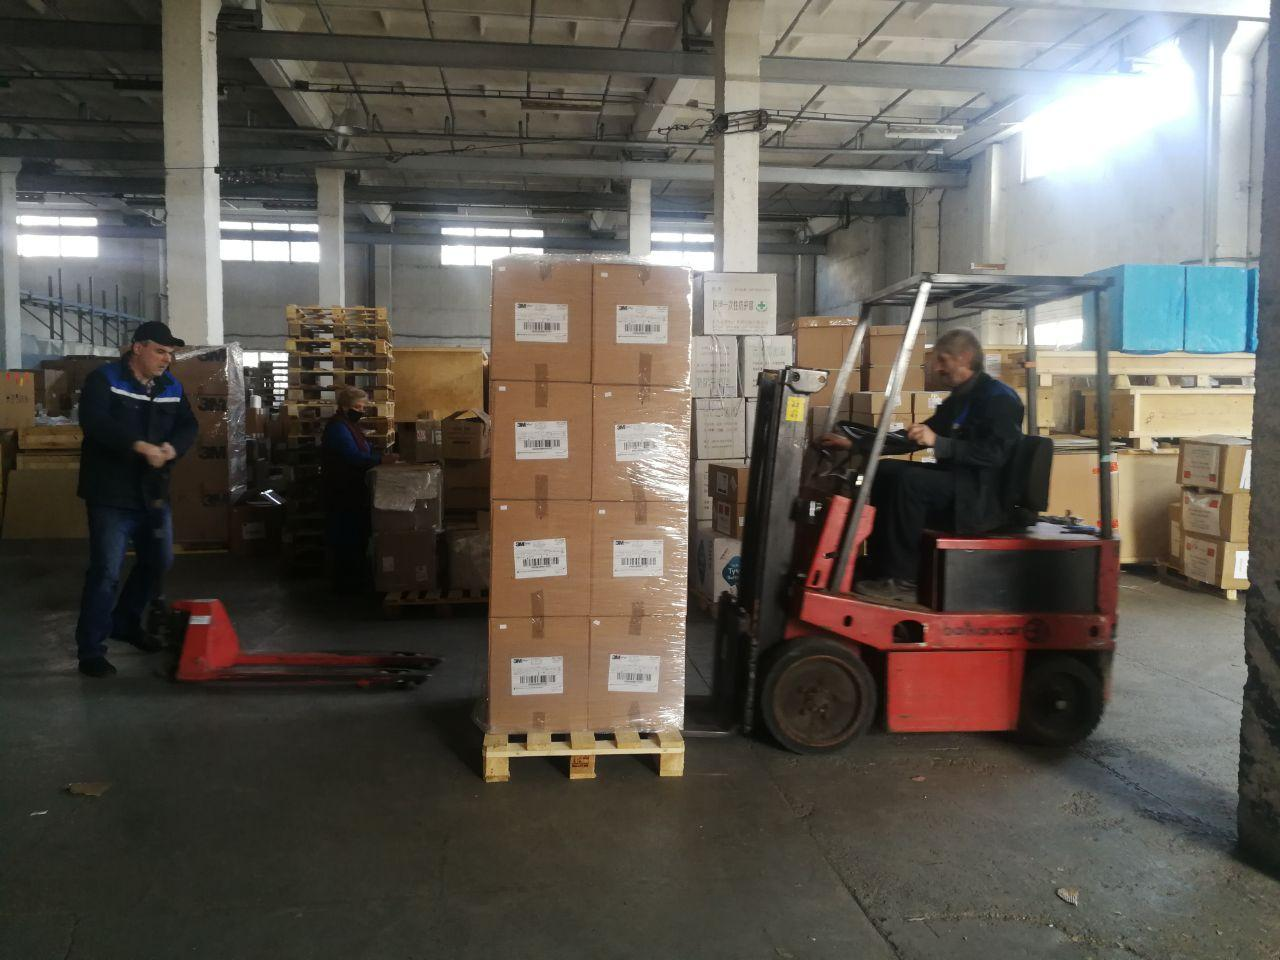 Белорусские ИТ-компании EPAM и Wargaming передали Минздраву 700 тыс респираторов